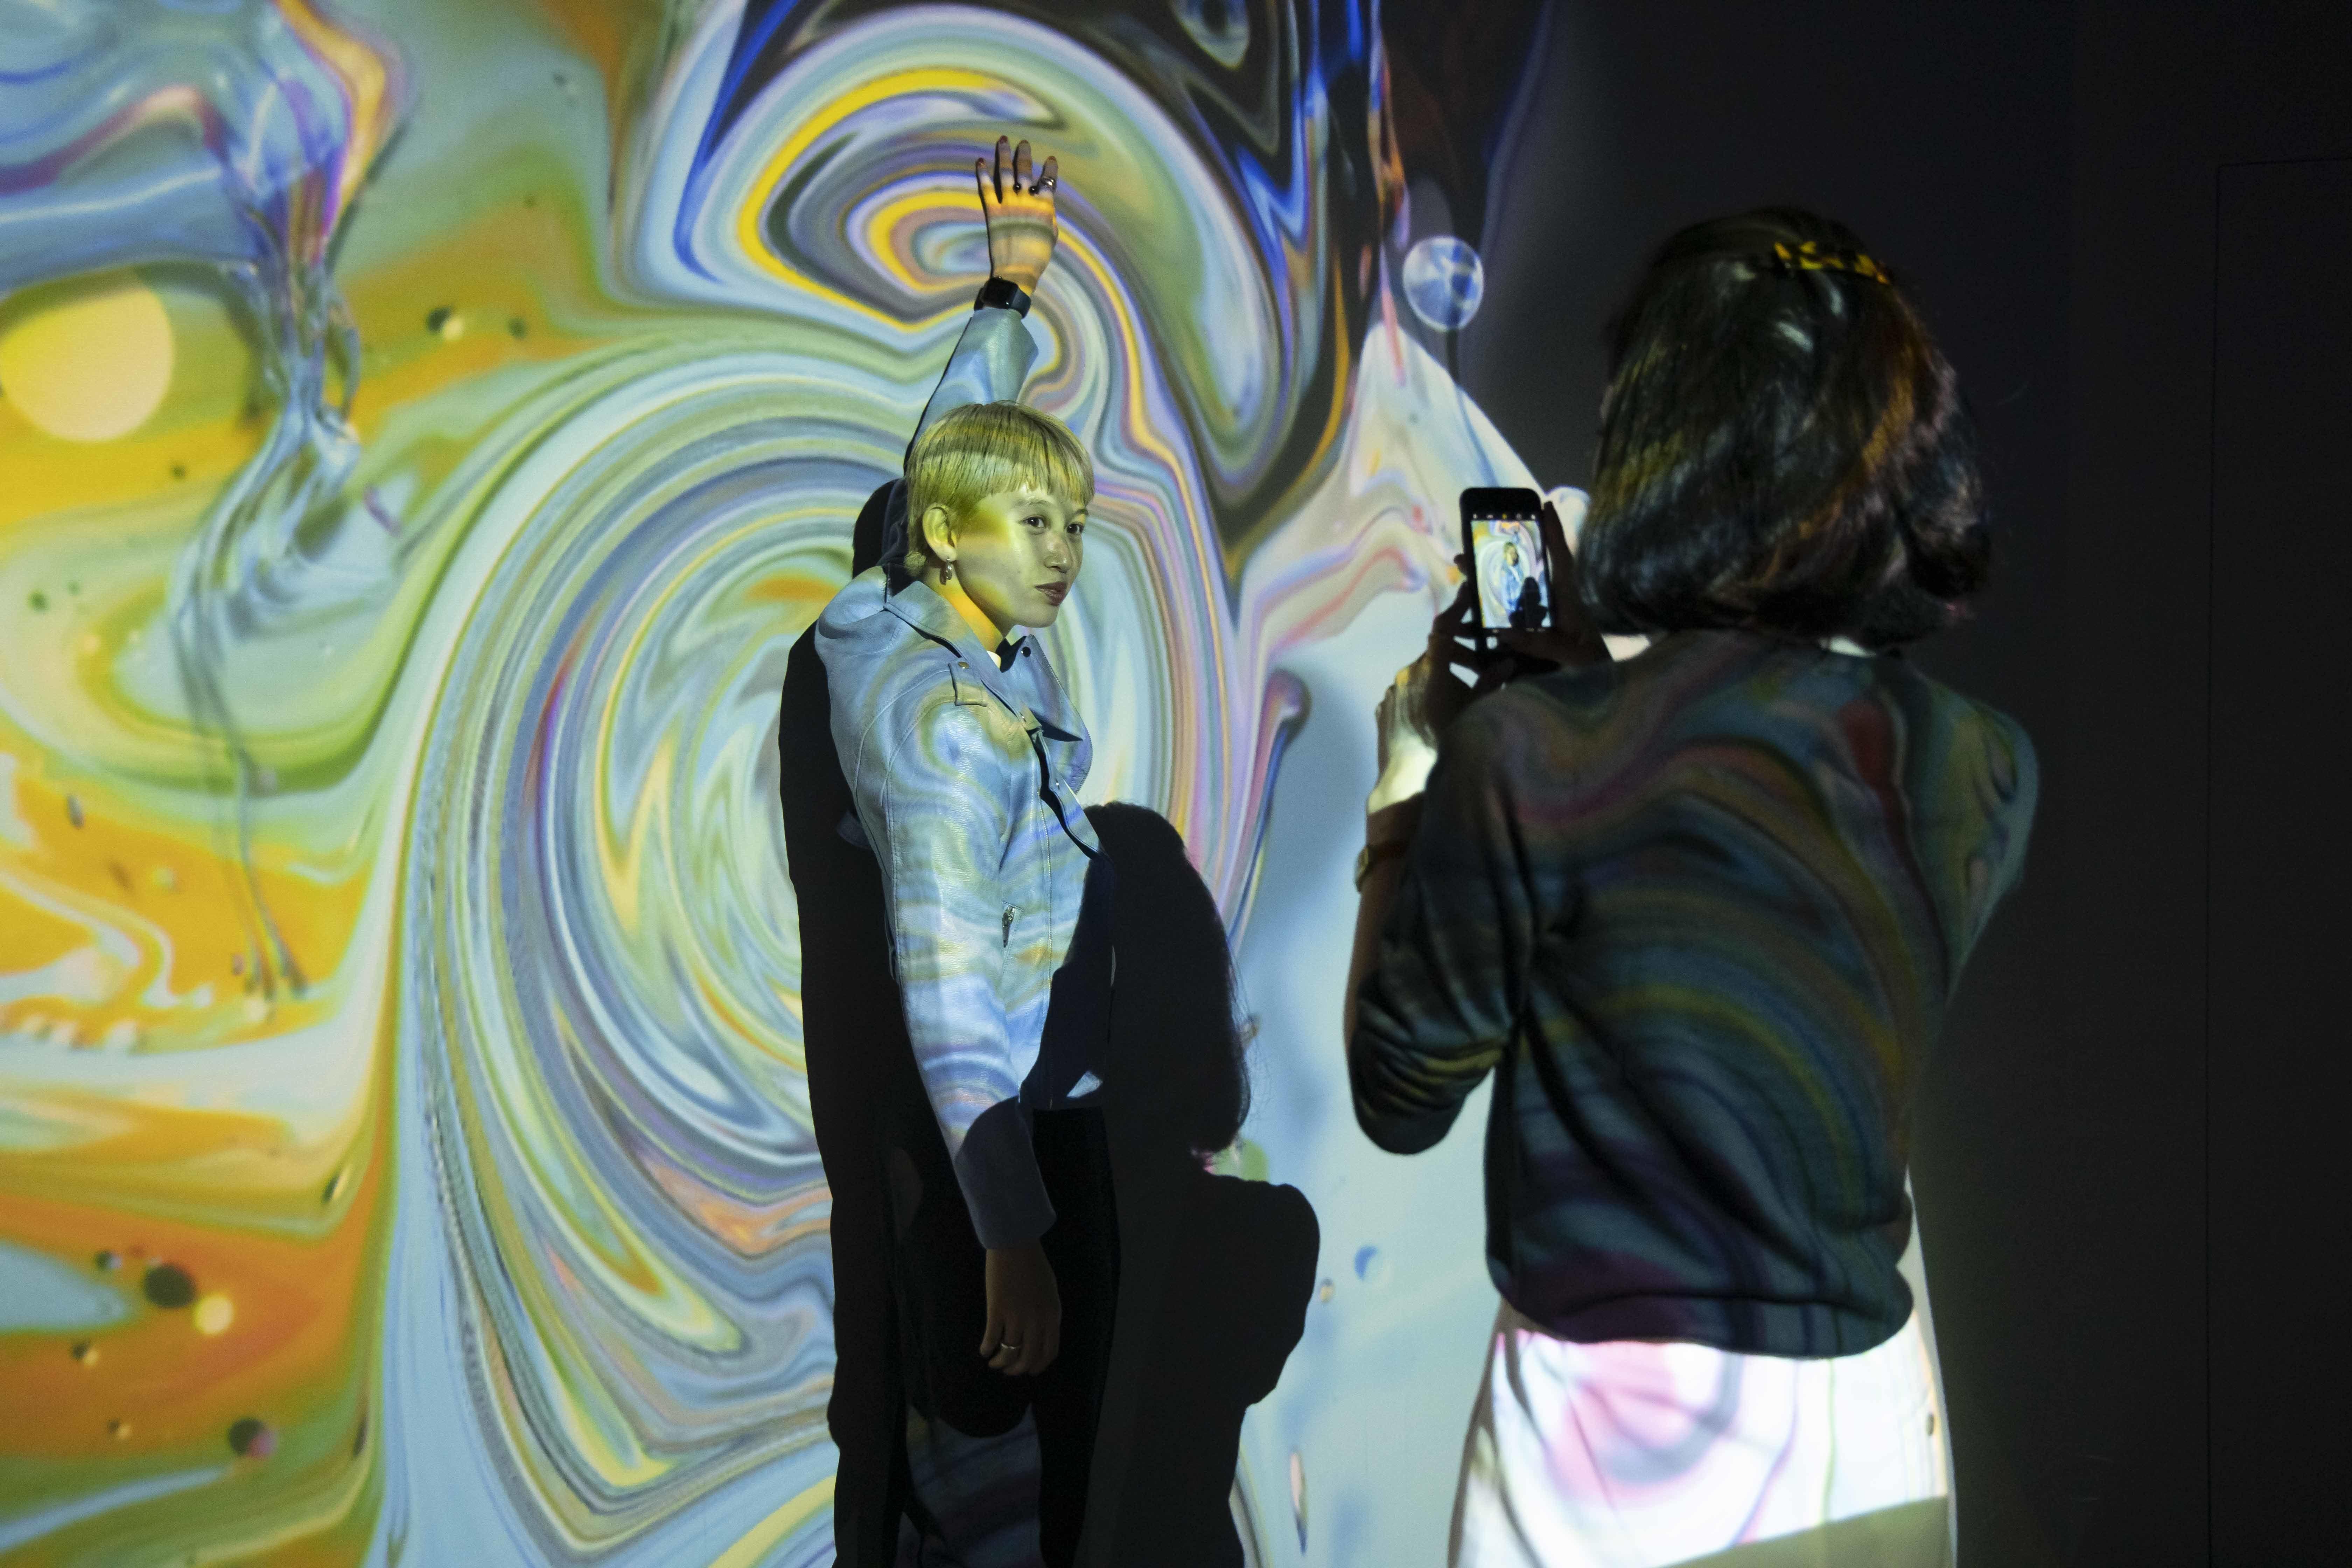 <Fluid Wall>は絶好の撮影スポット!デジタルアートと一体になる感覚を味わおう。